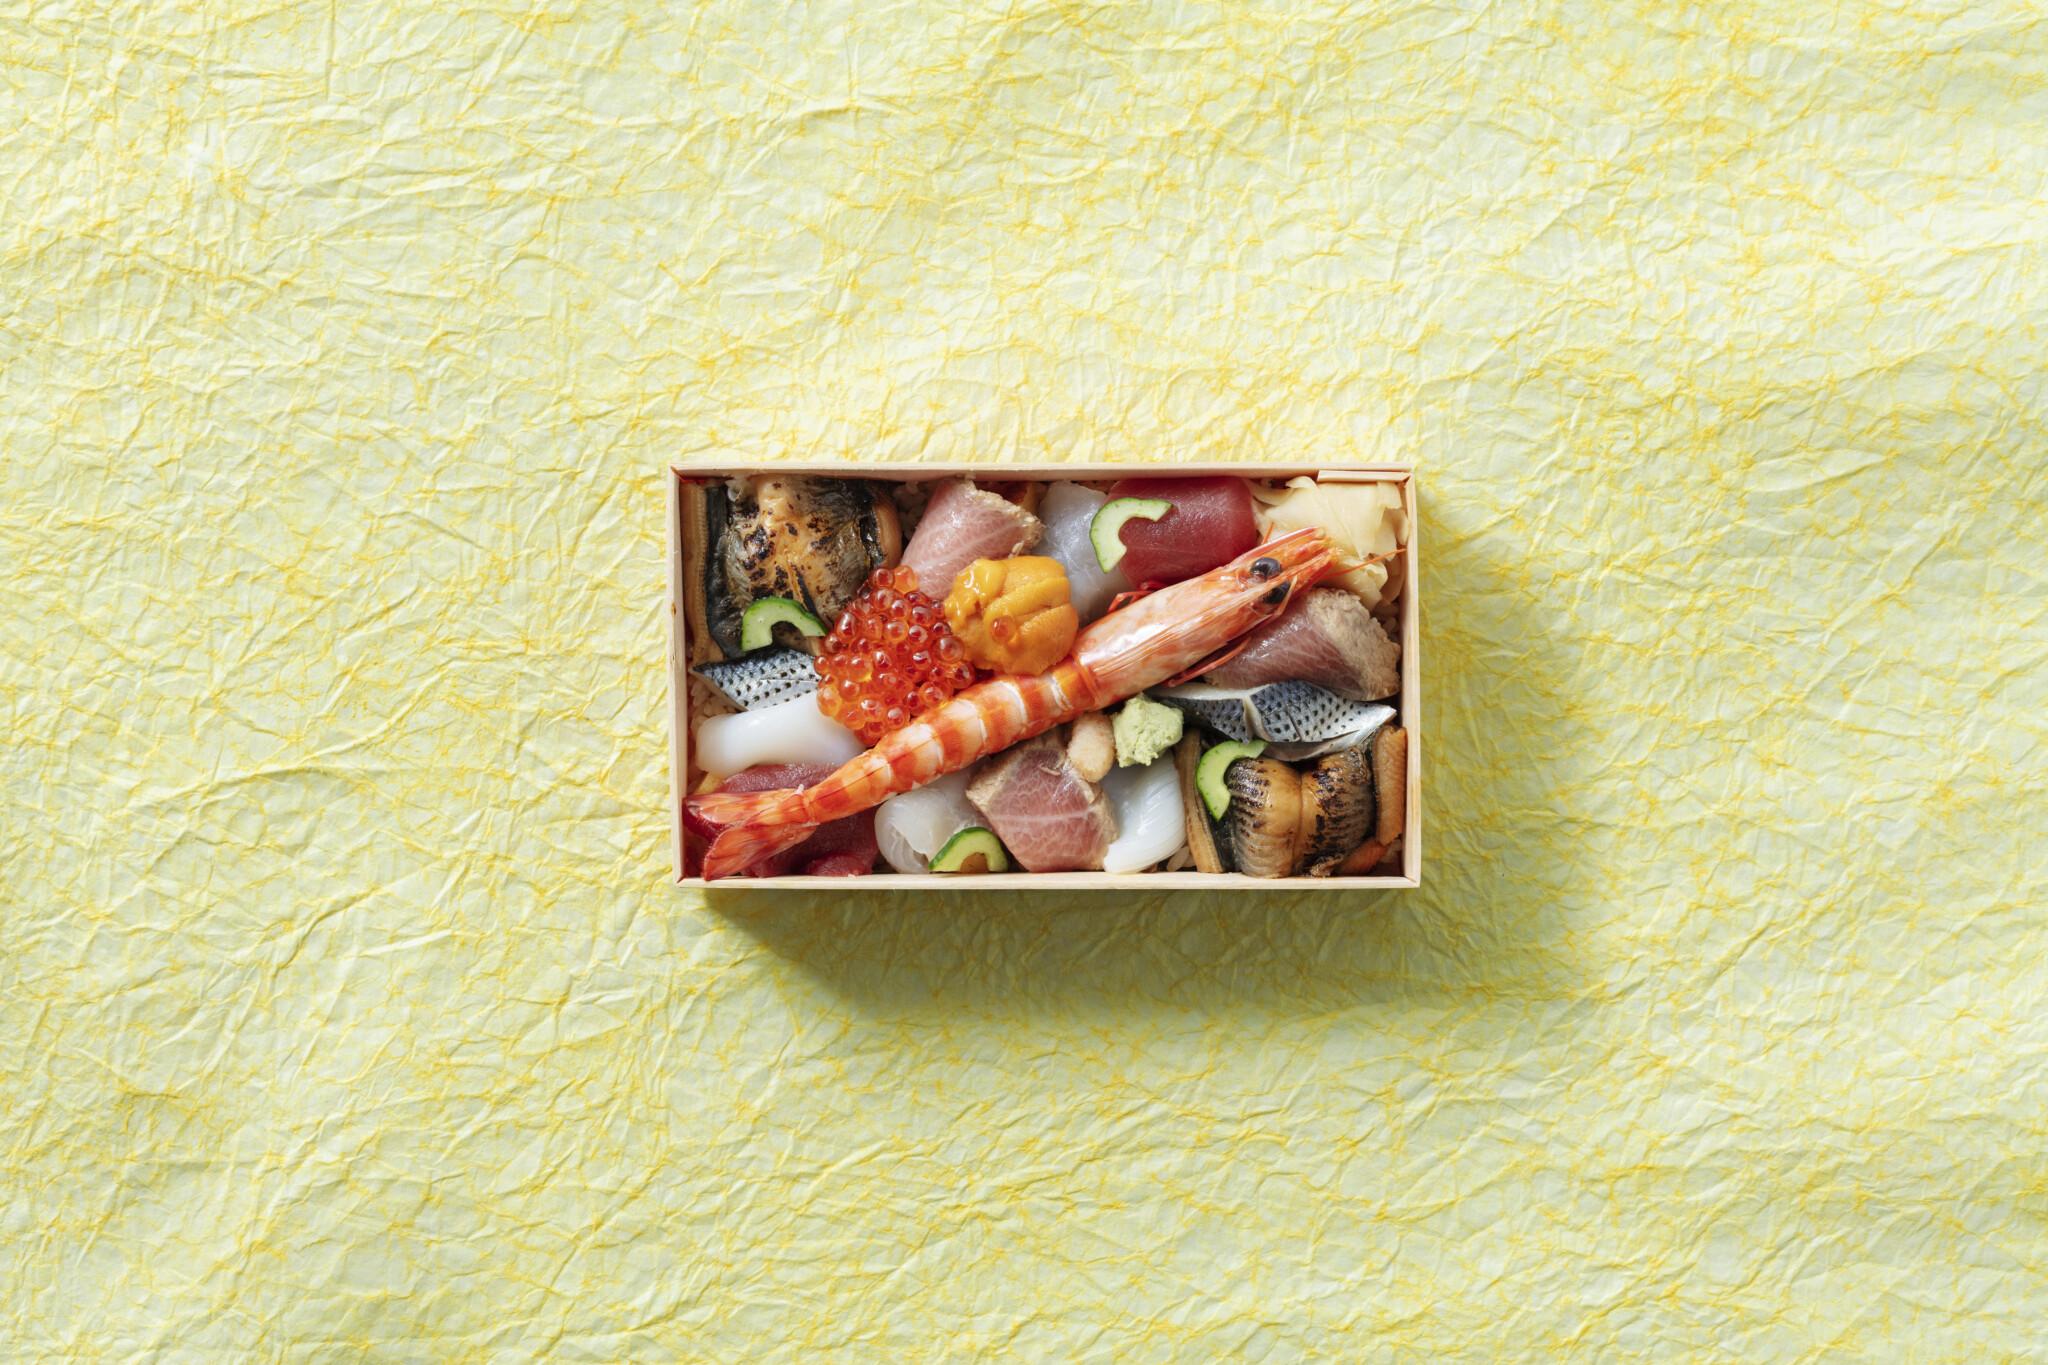 【銀座】名店の魚介たっぷり贅沢な海鮮弁当4選。会社でのニューノーマルランチにおすすめ!